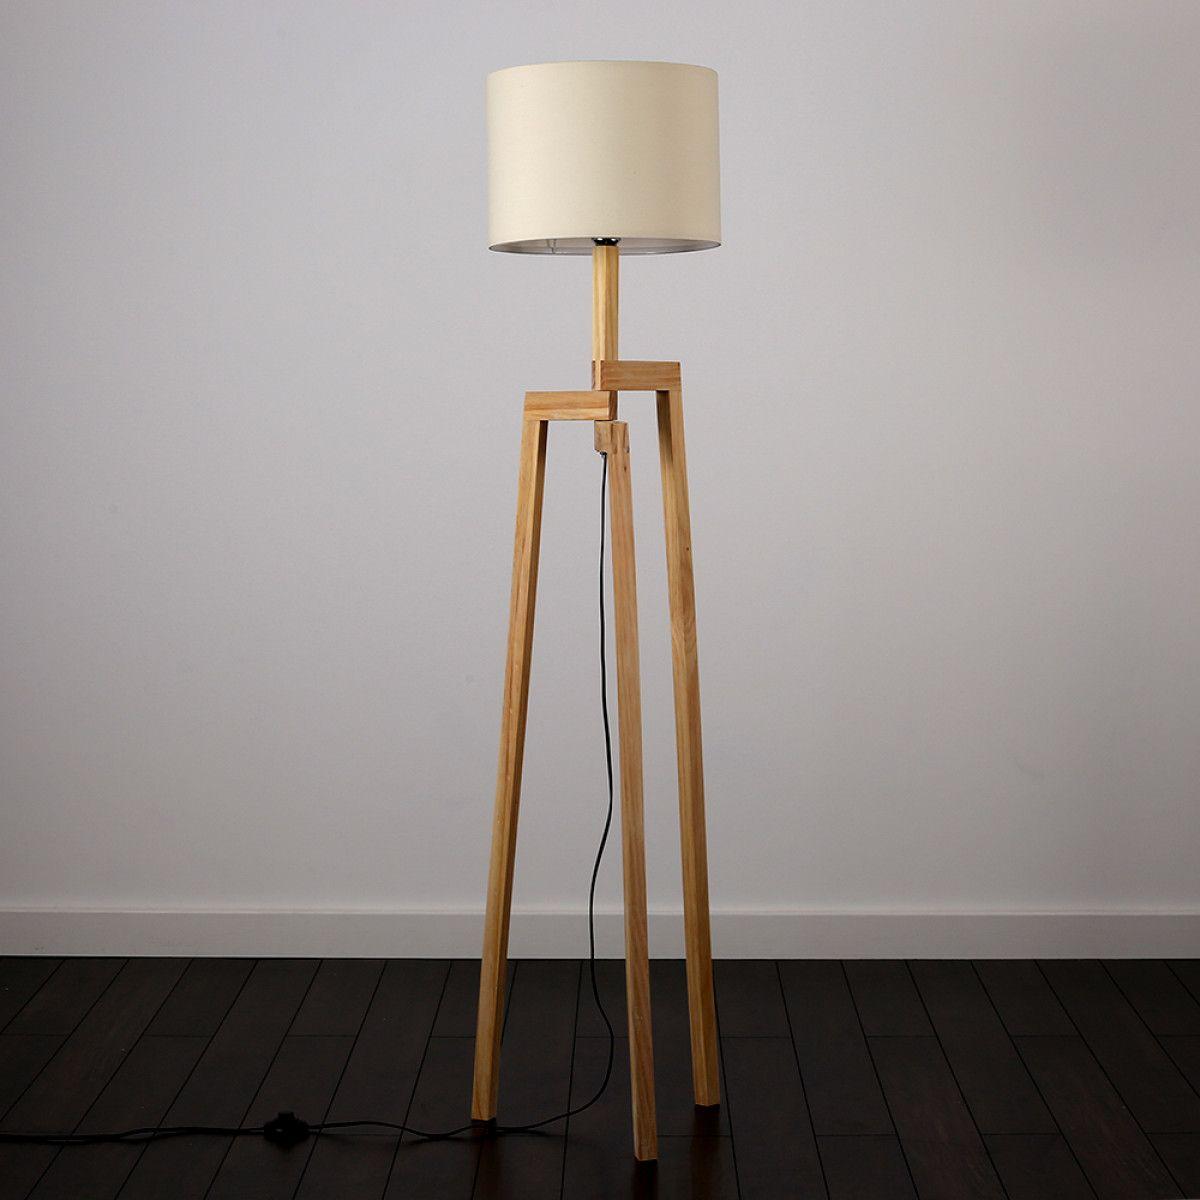 Scandinavian Style Karlov Wooden Tripod Floor Lamp With Cream Shade Tripod Floor Lamps Wooden Tripod Floor Lamp Lamp